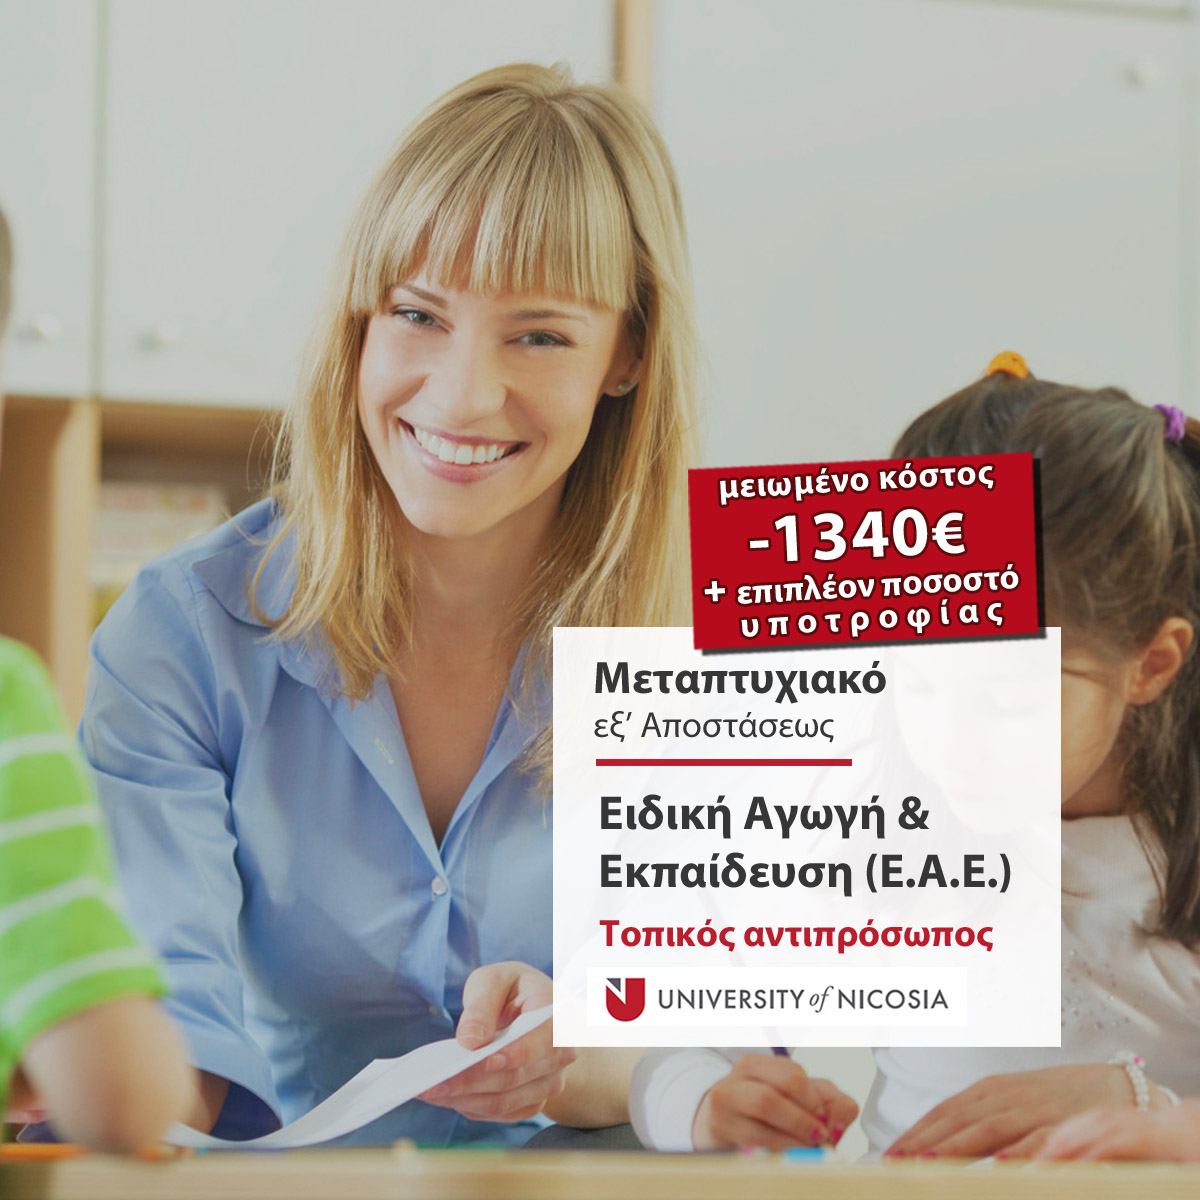 Μεταπτυχιακό στην Ειδική Αγωγή και Εκπαίδευση από 4.400€